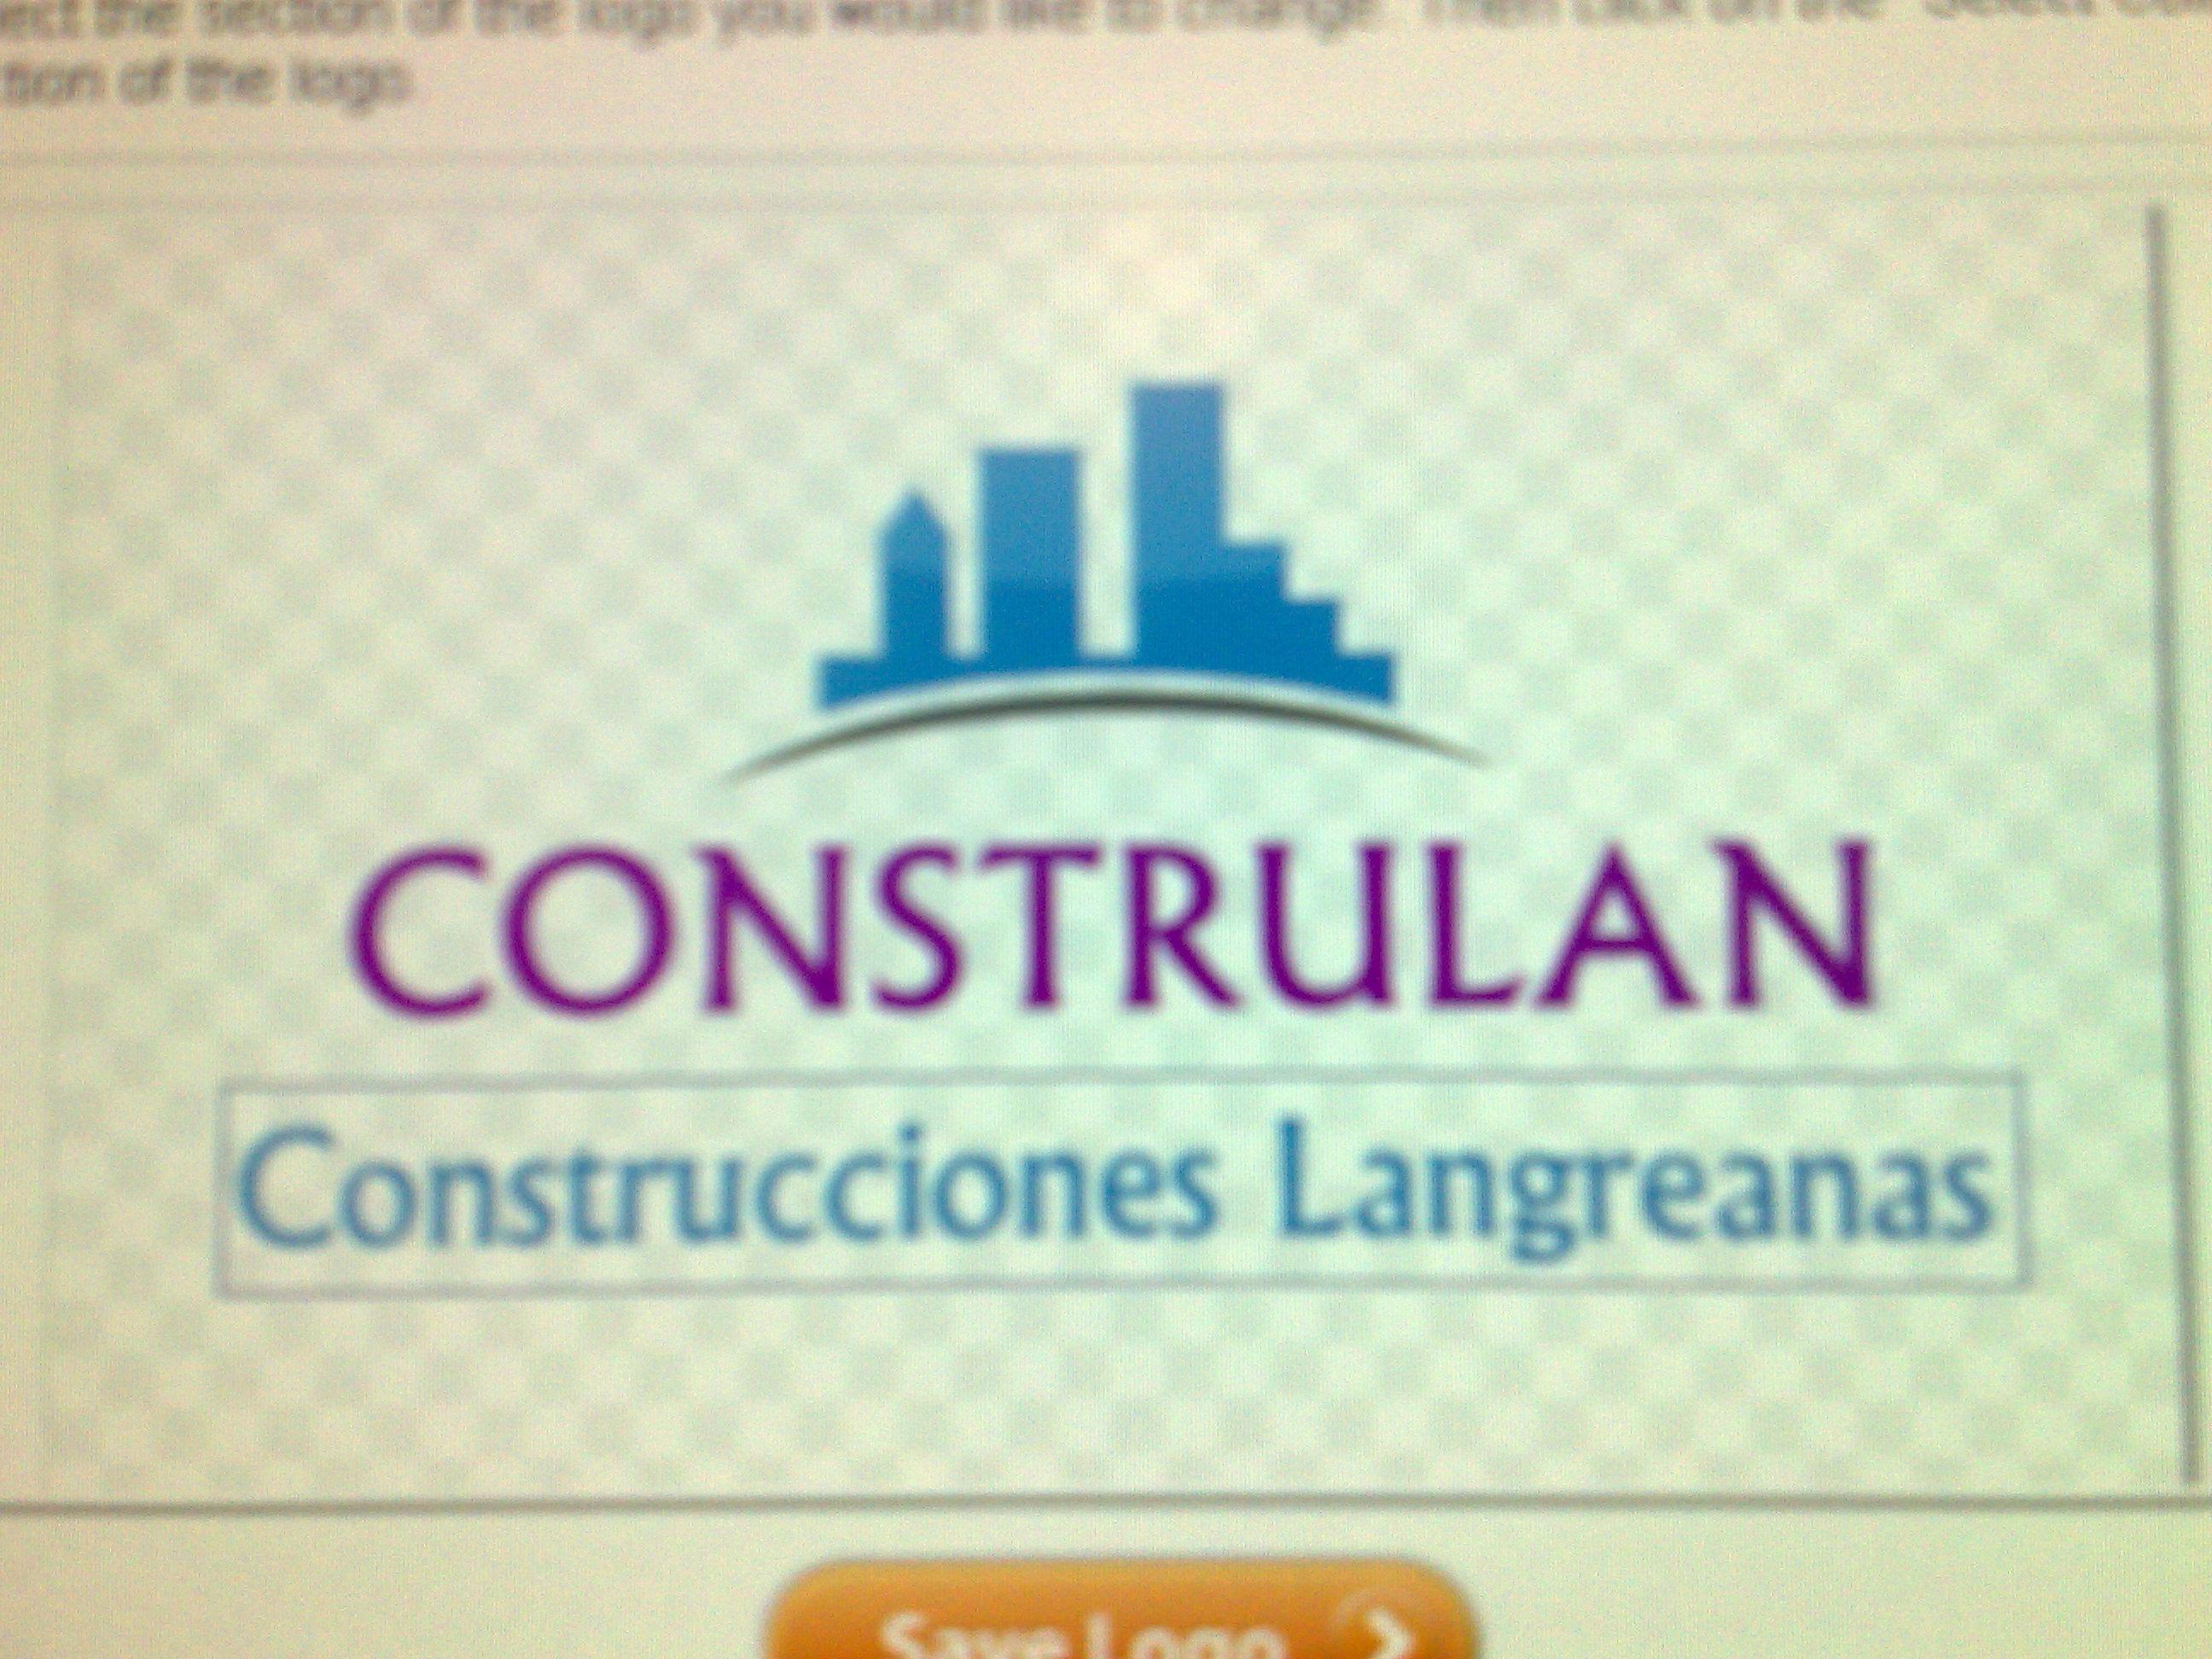 Construcciones Langreanas, S.l